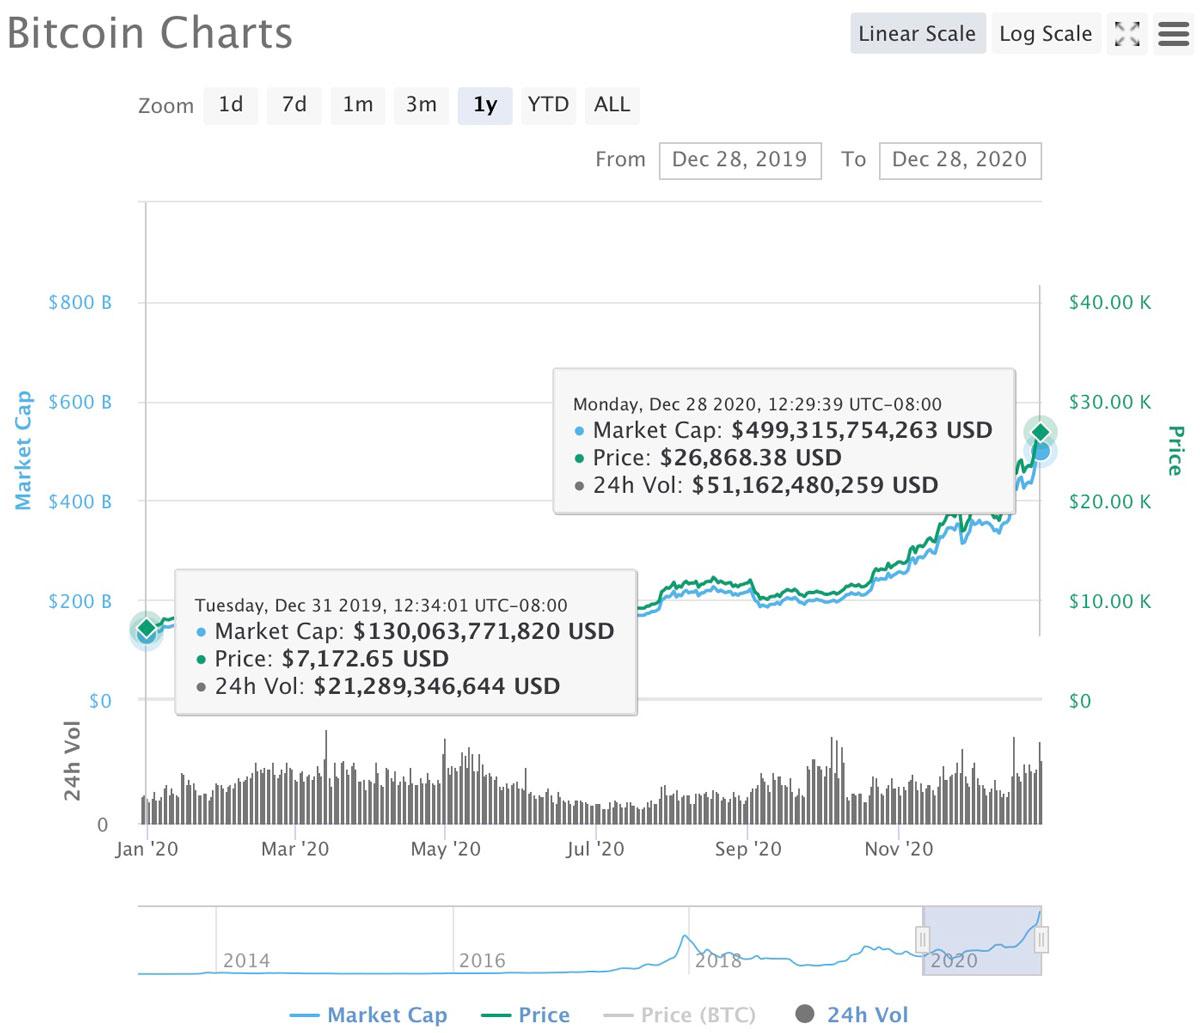 Gráfico de CoinMarketCap 2020